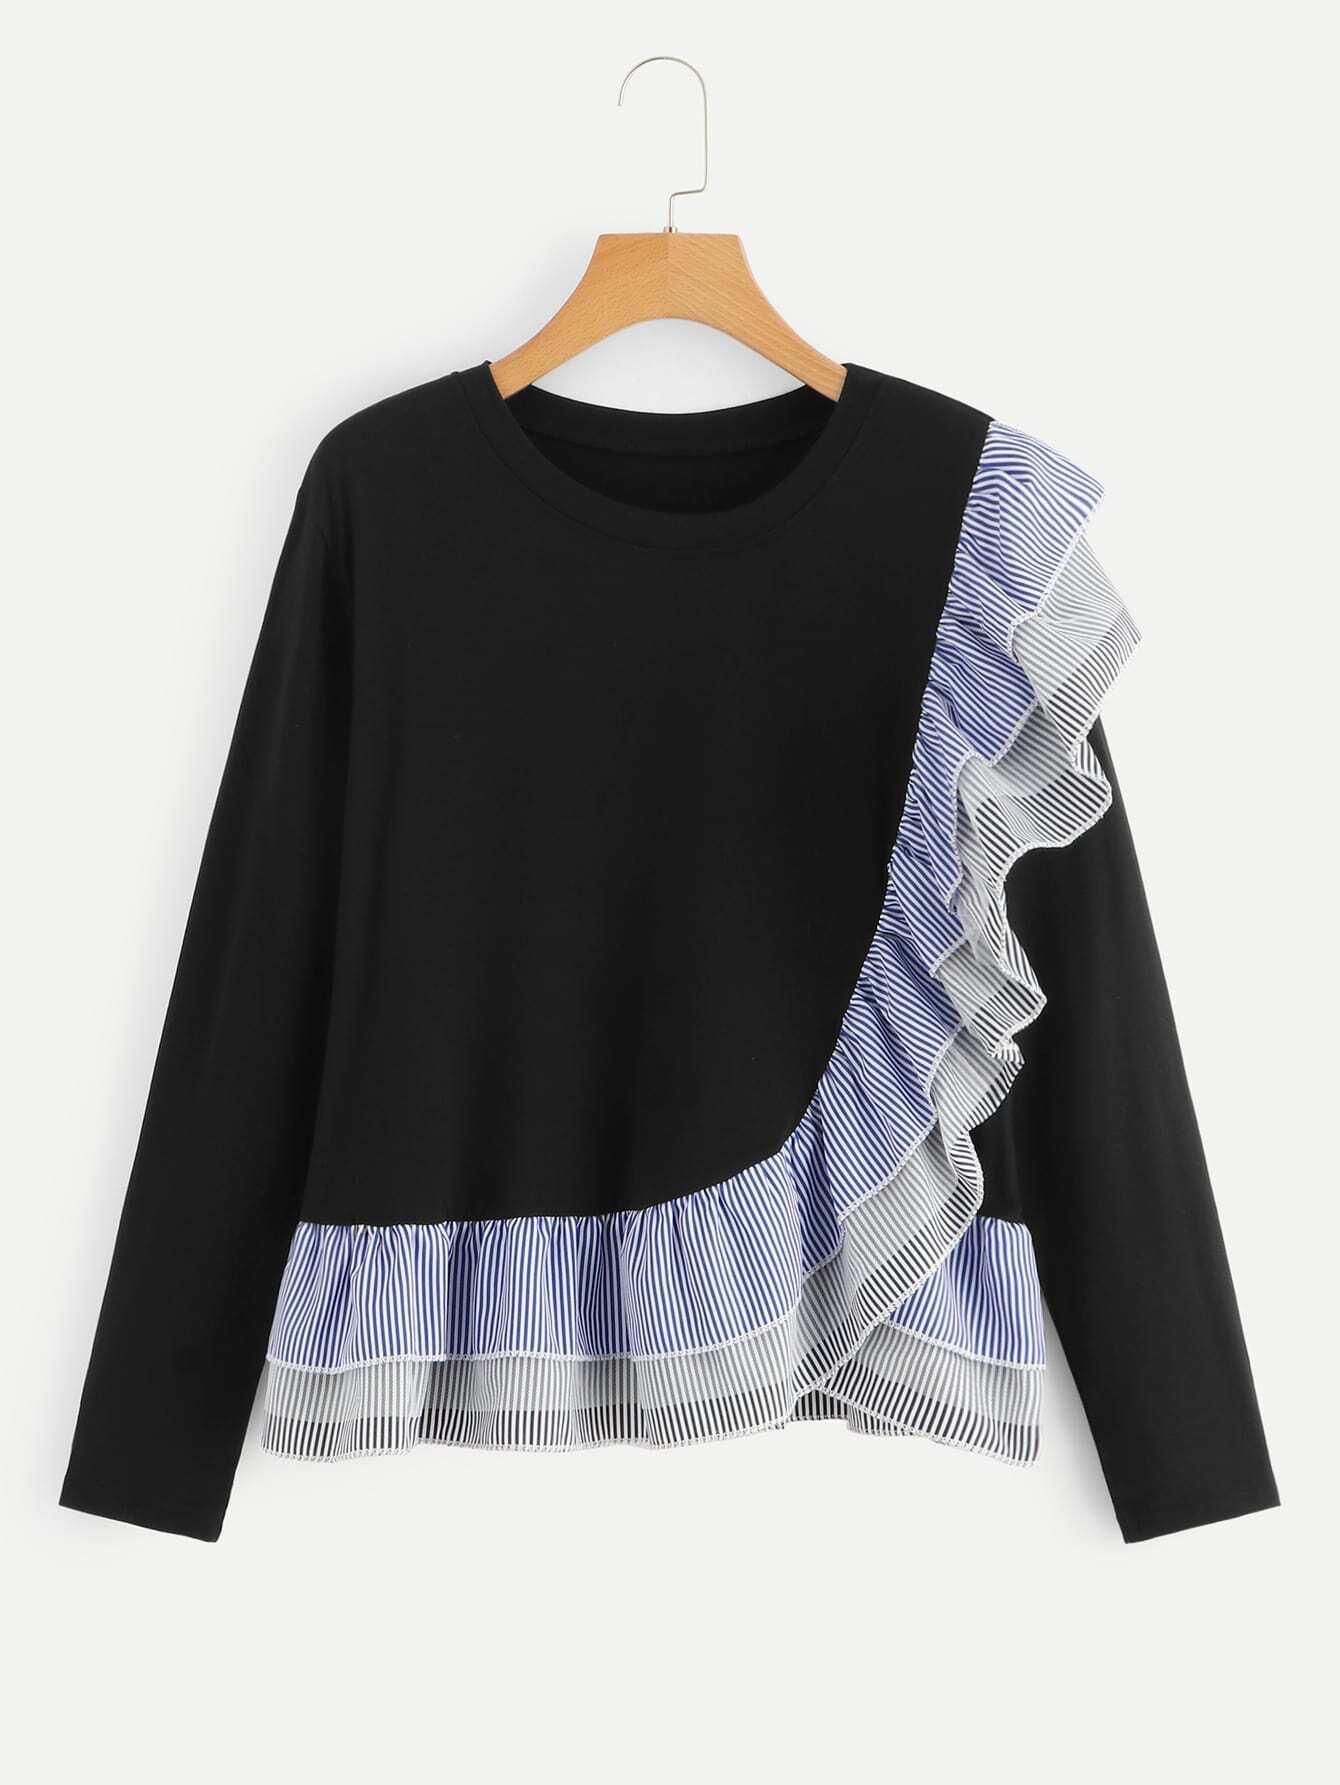 Купить Контрастная полосатая футболка с оборками, null, SheIn